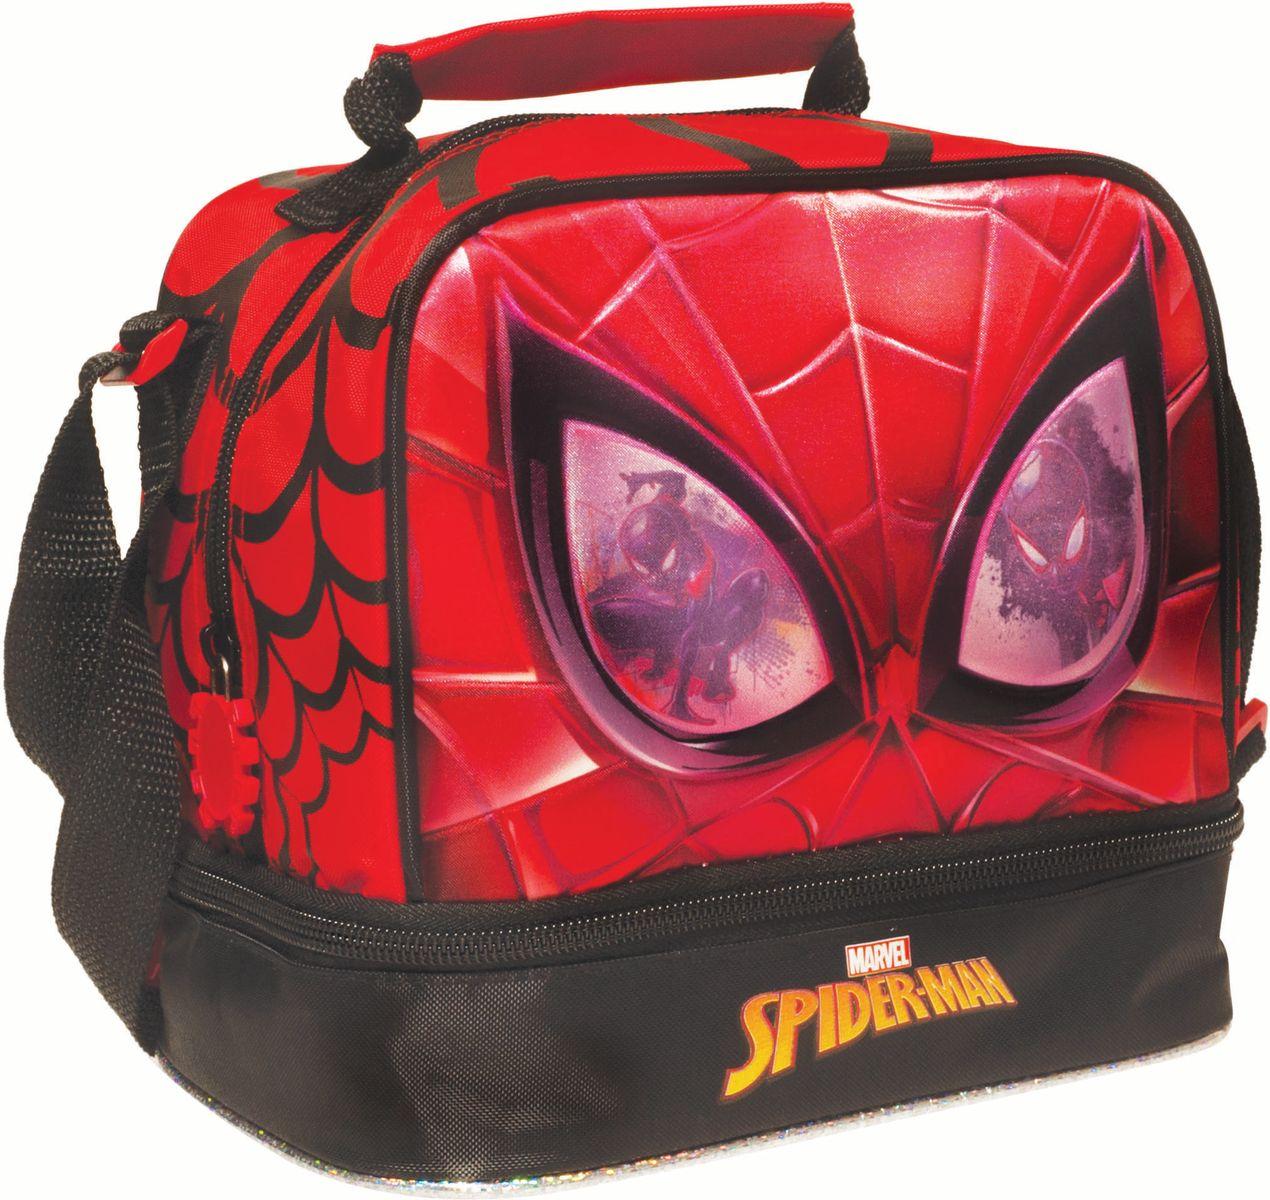 Τσαντάκι Φαγητού Spiderman Face Gim 337-73220 σχολικες τσαντες   τσάντες νηπιαγωγείου   για αγοράκια